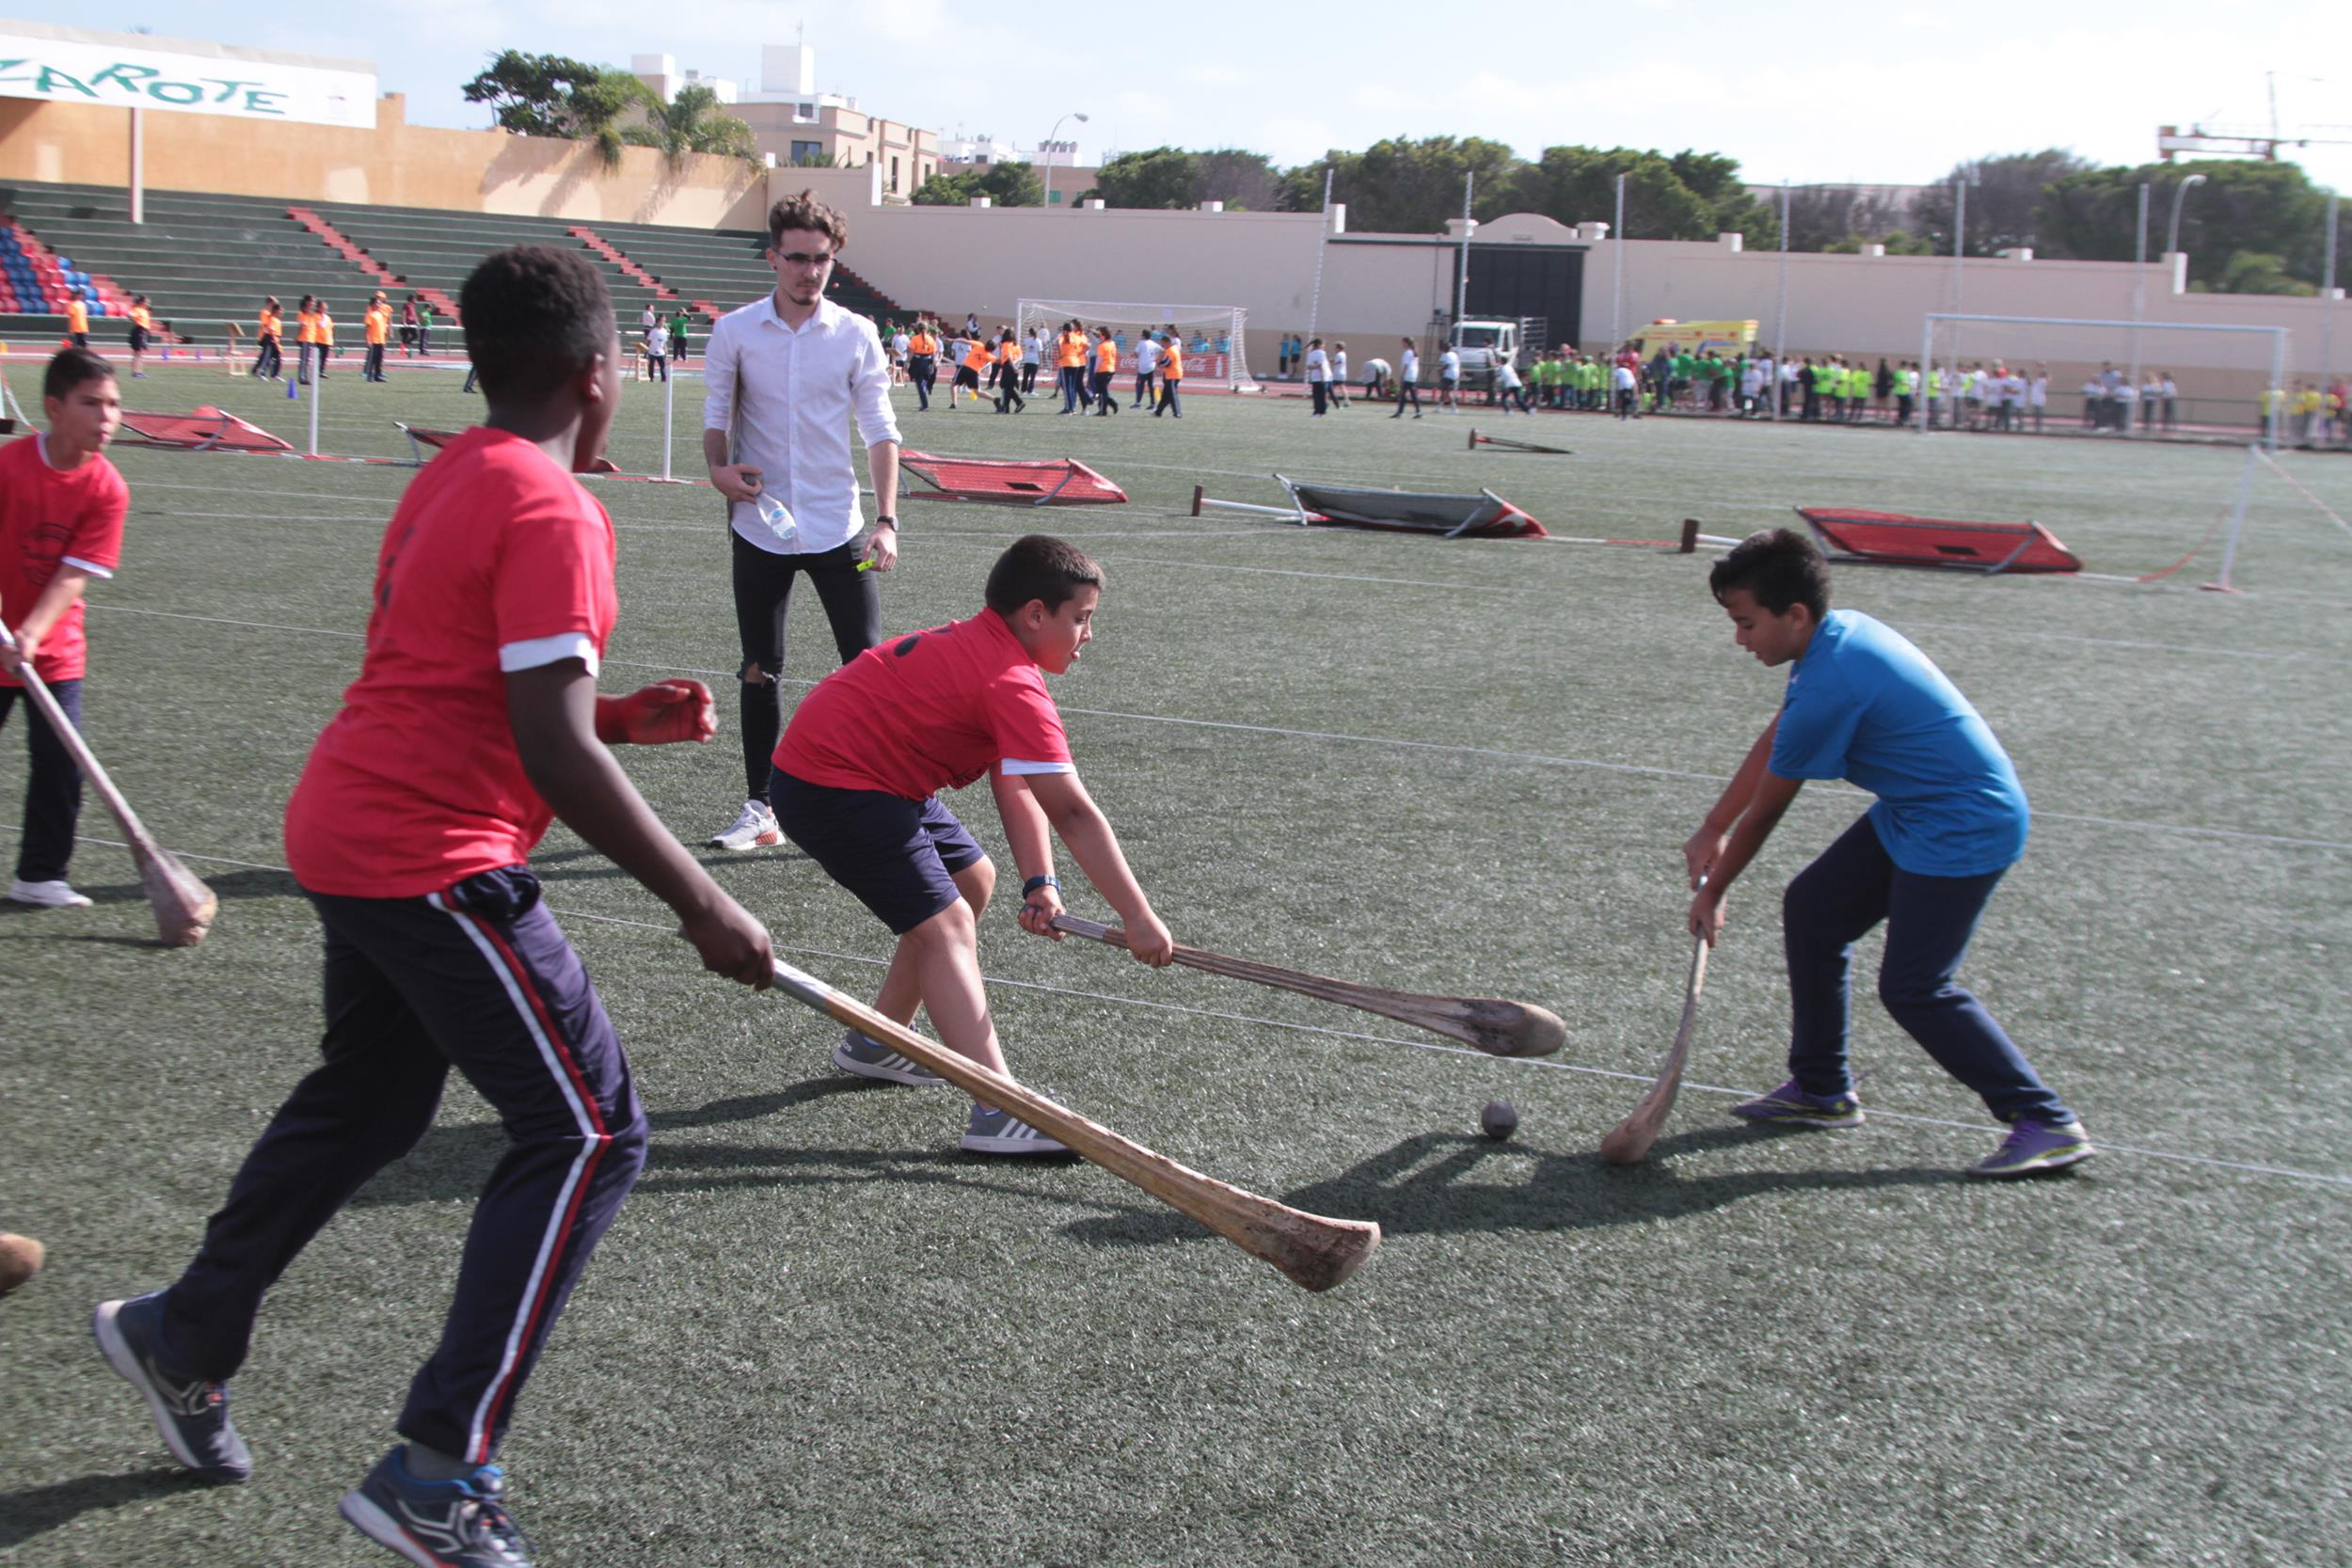 El proyecto divulgativo 'Iniciación a los juegos y deportes tradicionales de Canarias' culmina con una animada y concurrida exhibición en la Ciudad Deportiva